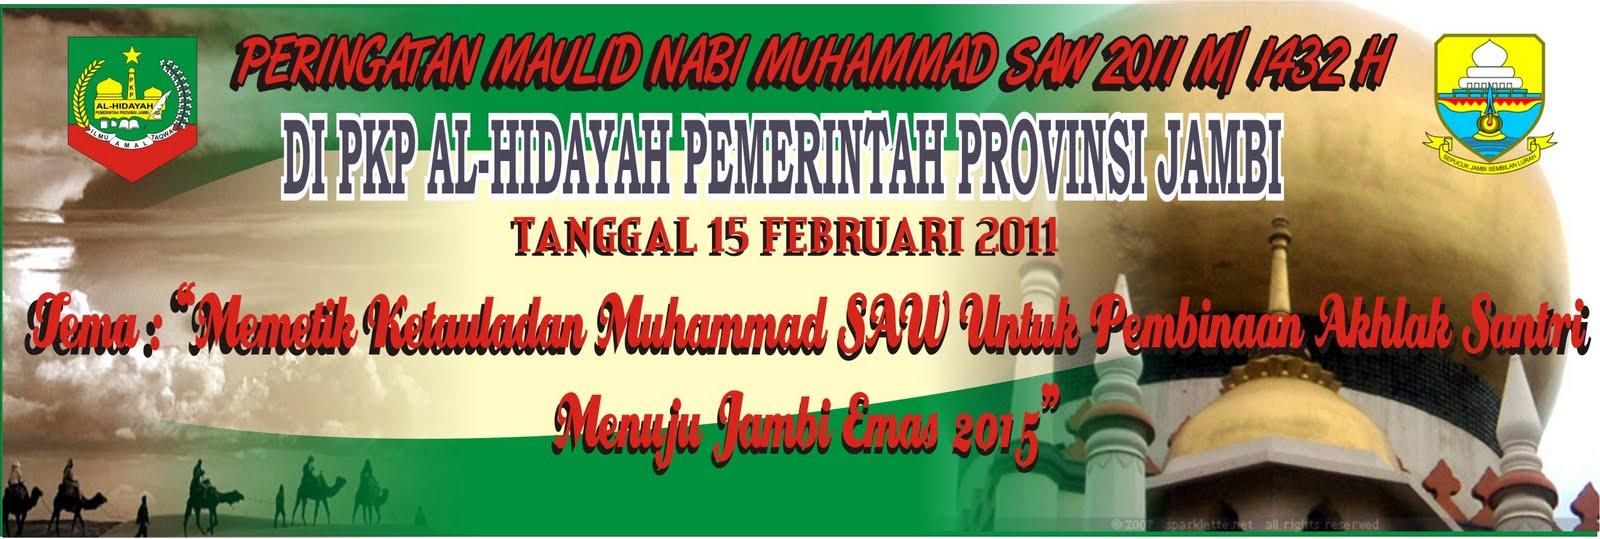 Rabu, 09 Februari 2011